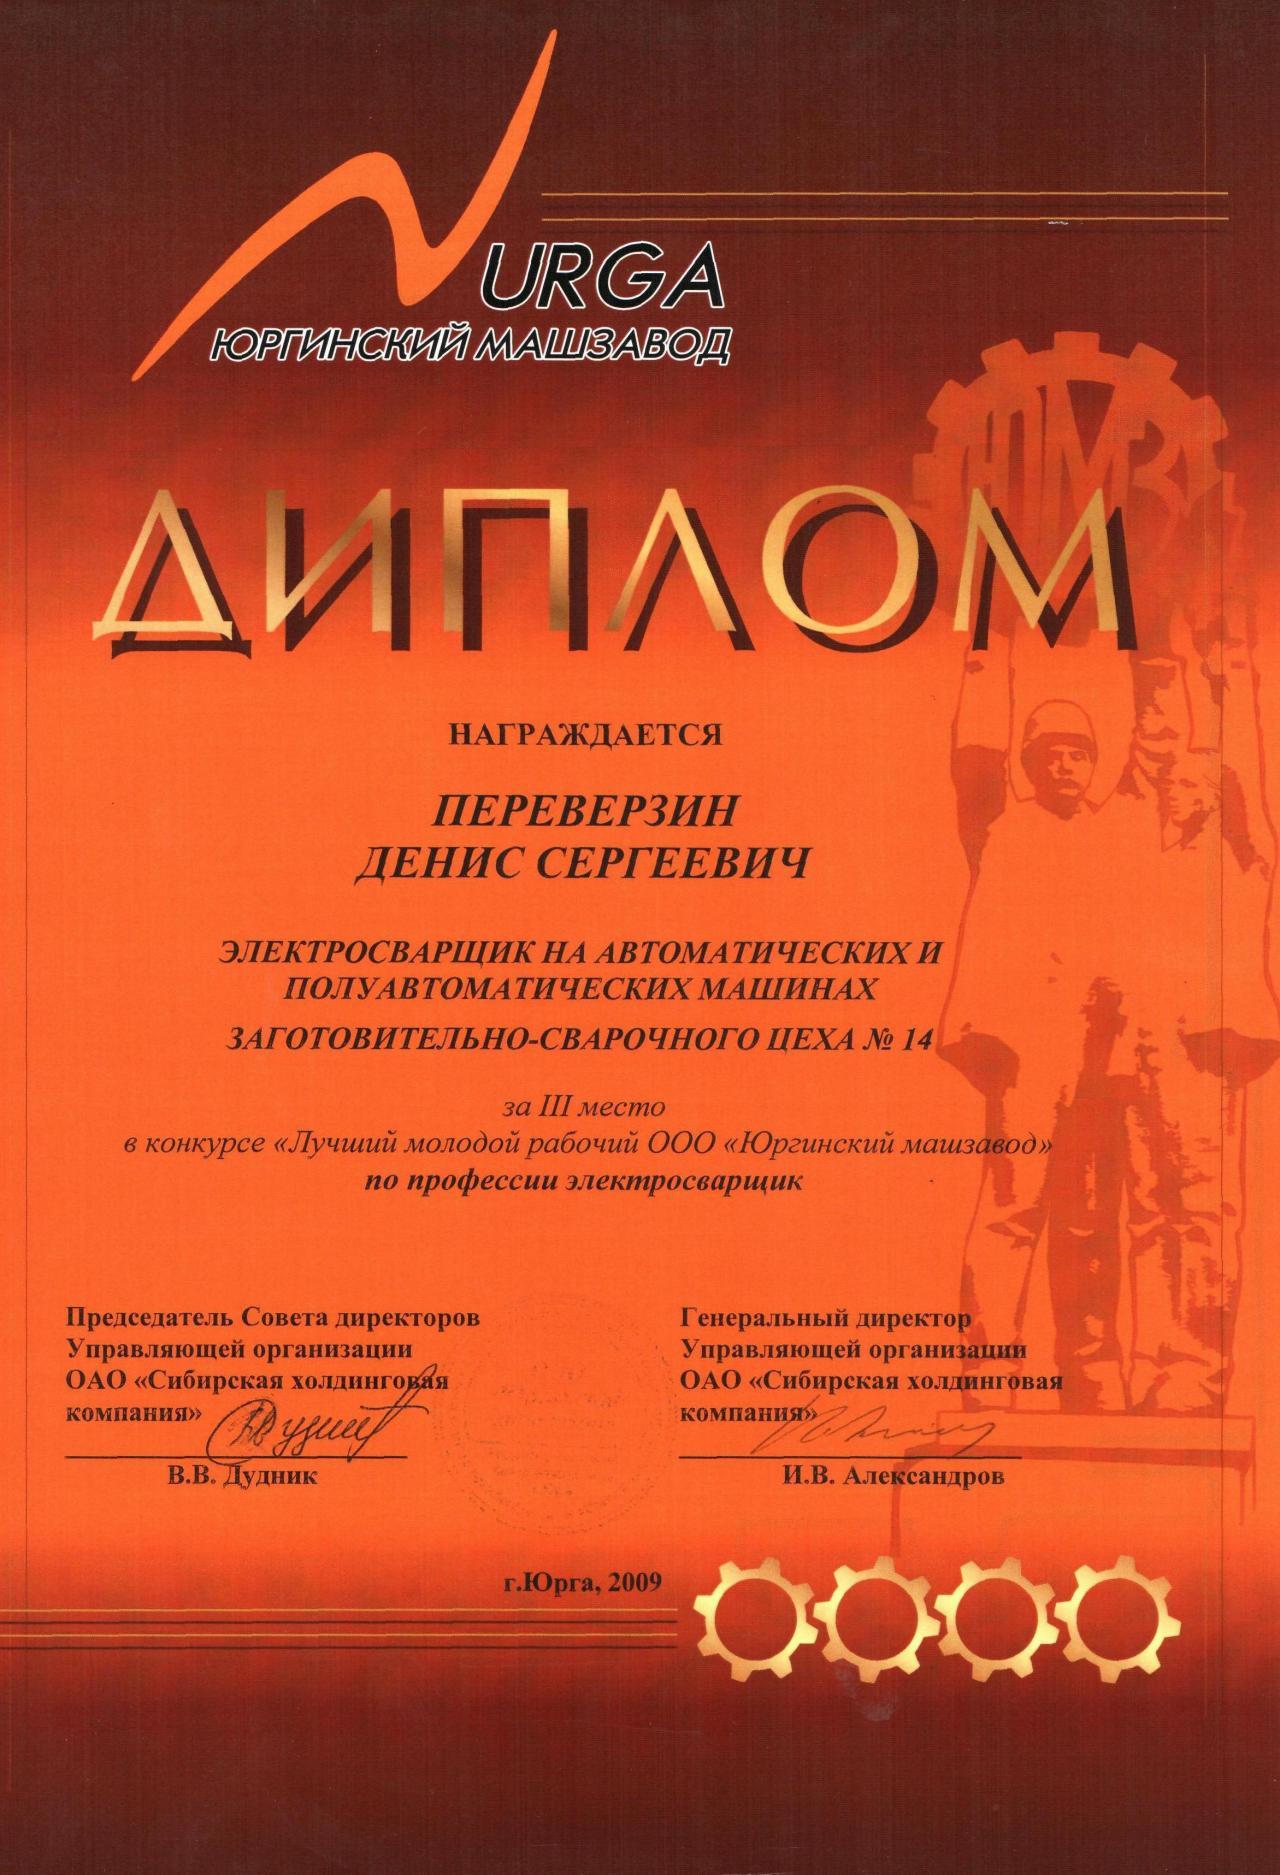 Очередная победа в конкурсе студентов специальности «Оборудовани